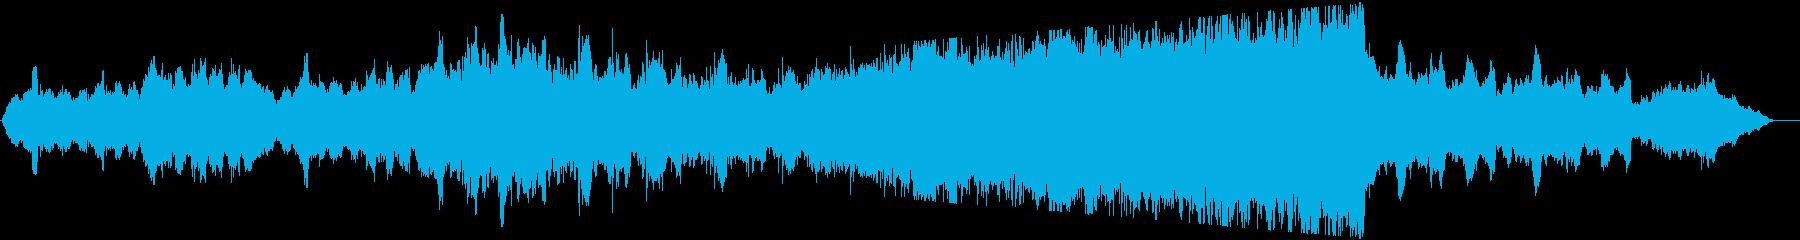 ストリングスの優しく優雅な雰囲気の曲ですの再生済みの波形